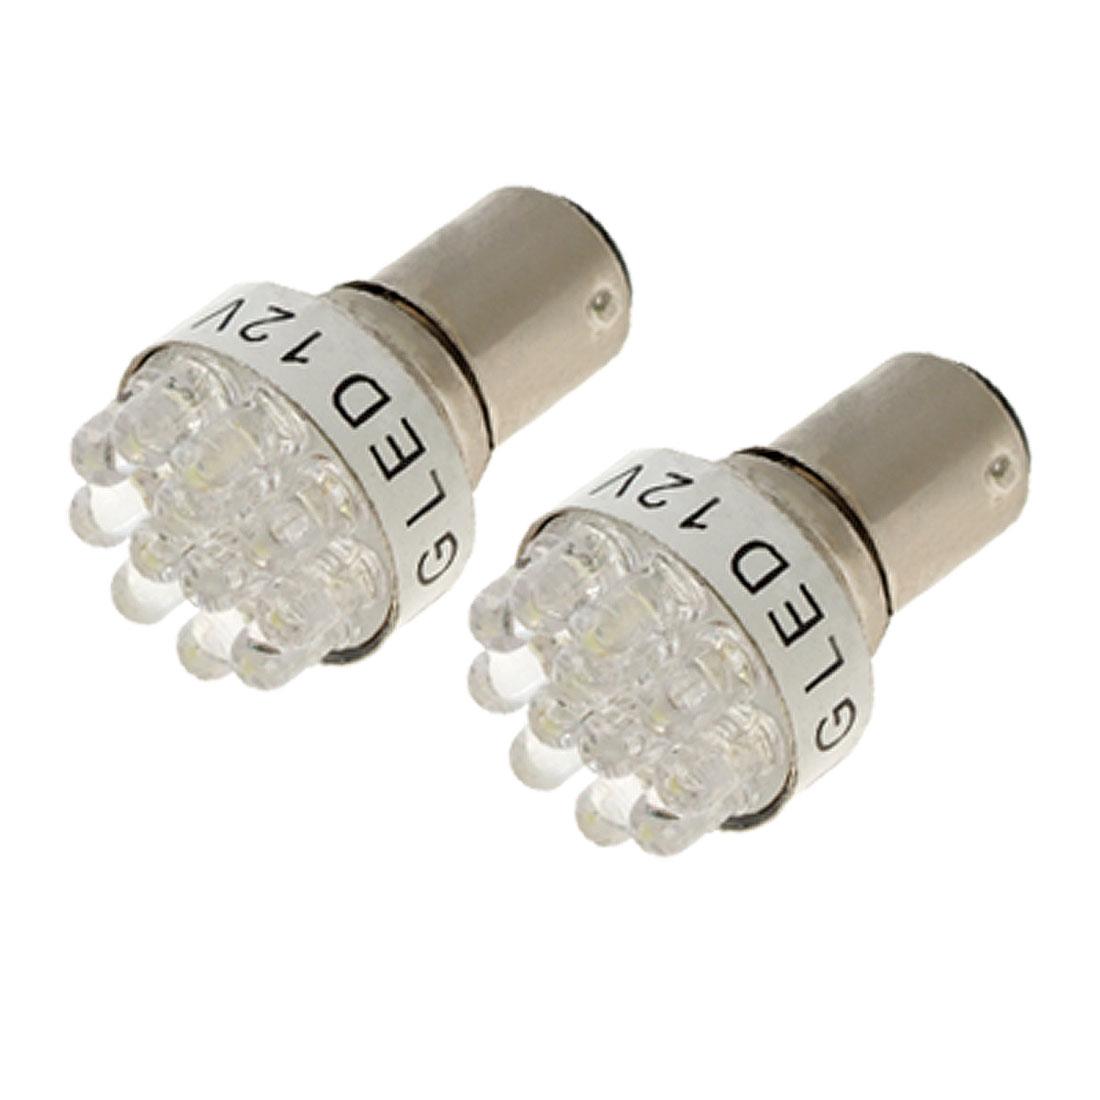 2 Pcs White Light 12 LED BAY15D 1157 Car Auto Tail Rear Turn Brake Bulb